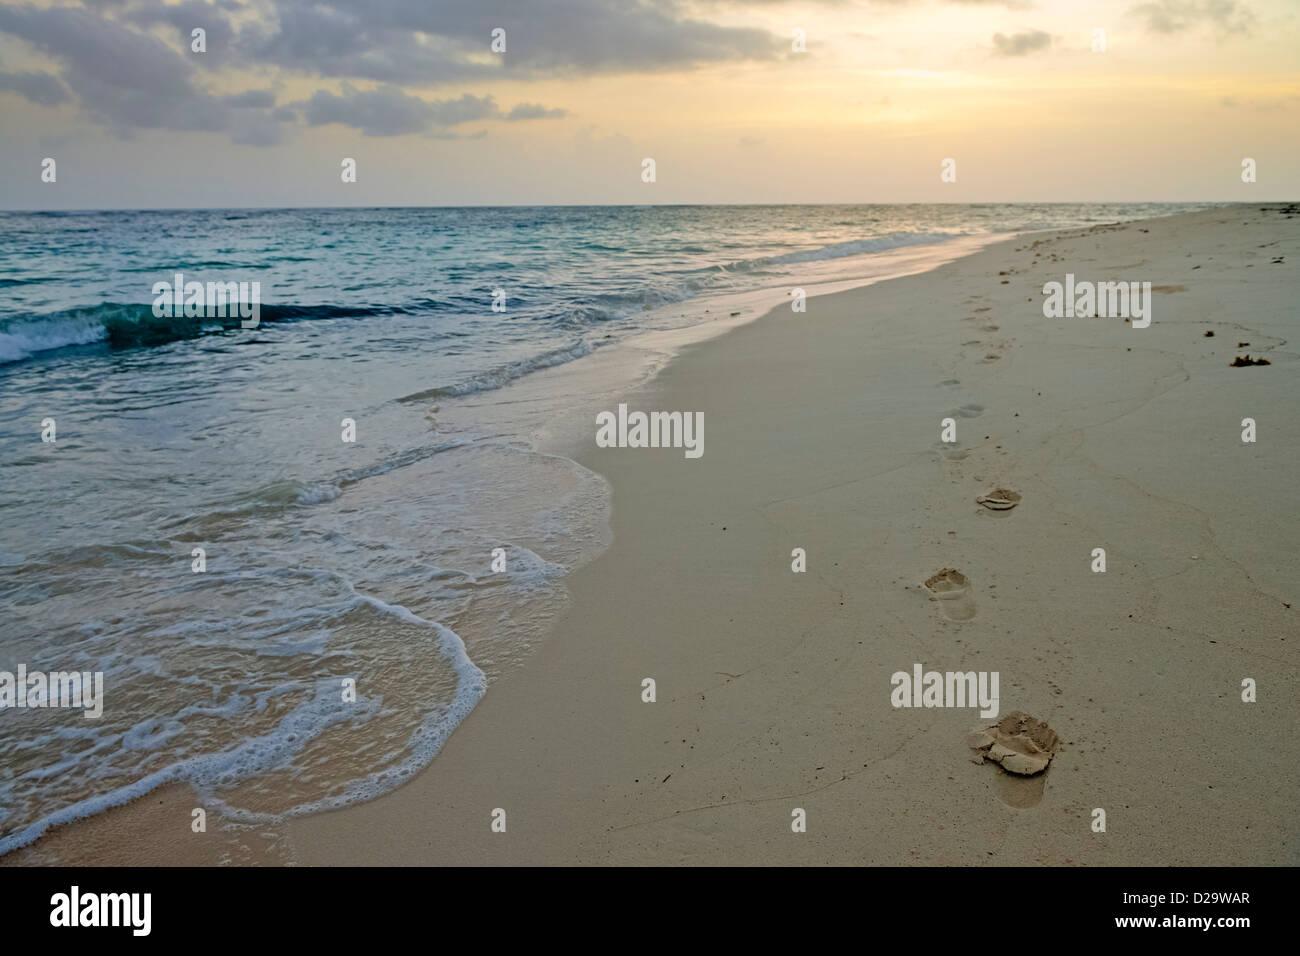 Des empreintes de pas dans le sable à l'aube sur la plage déserte à Punta Cana, République Photo Stock